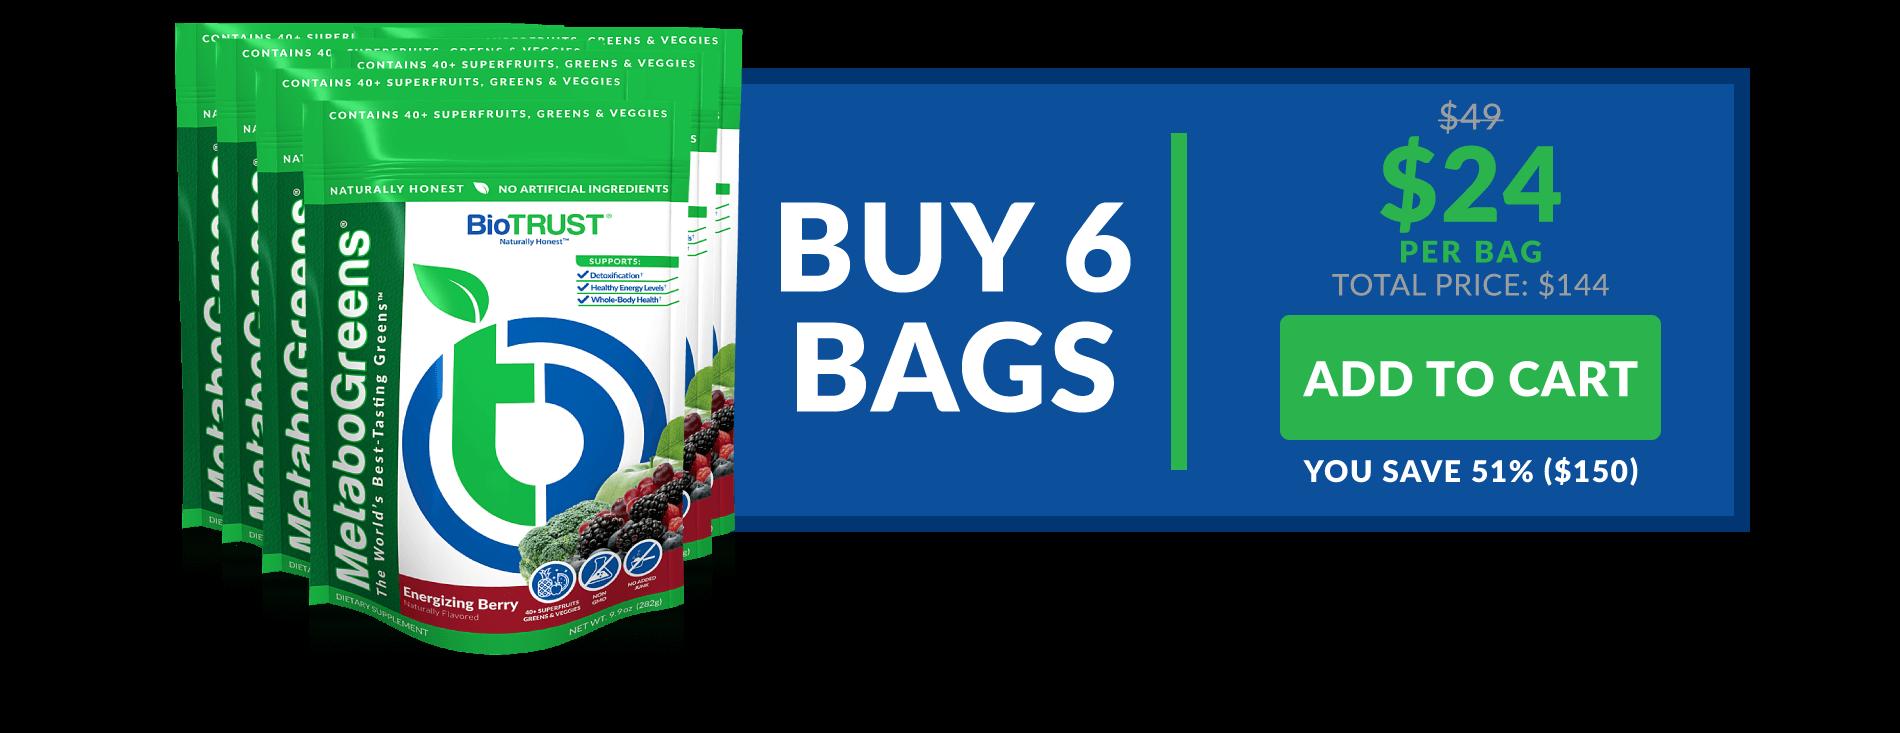 MetaboGreens - Buy 6